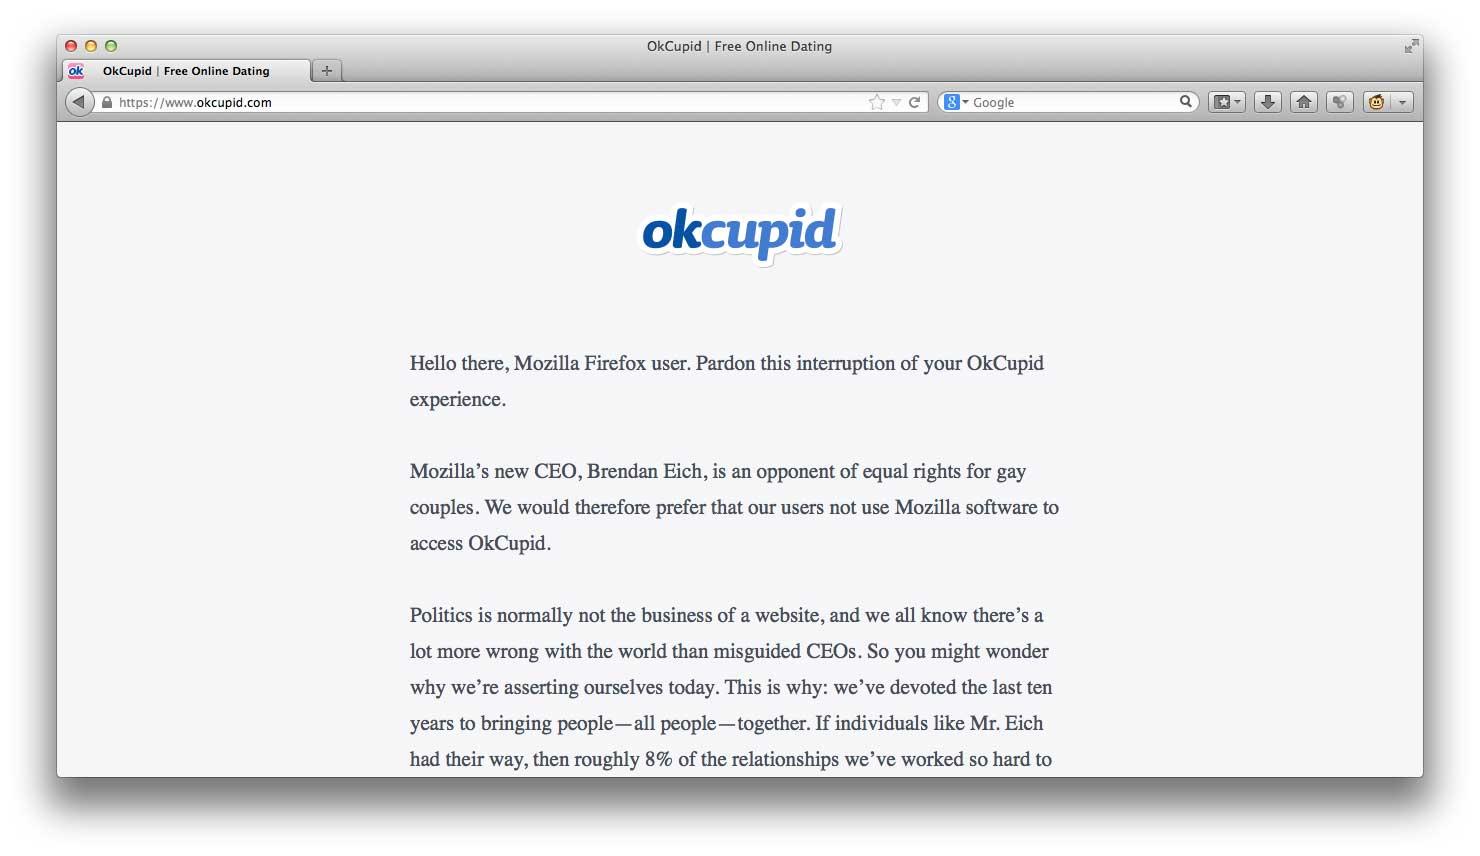 OkCupid peggiore datazione profilo